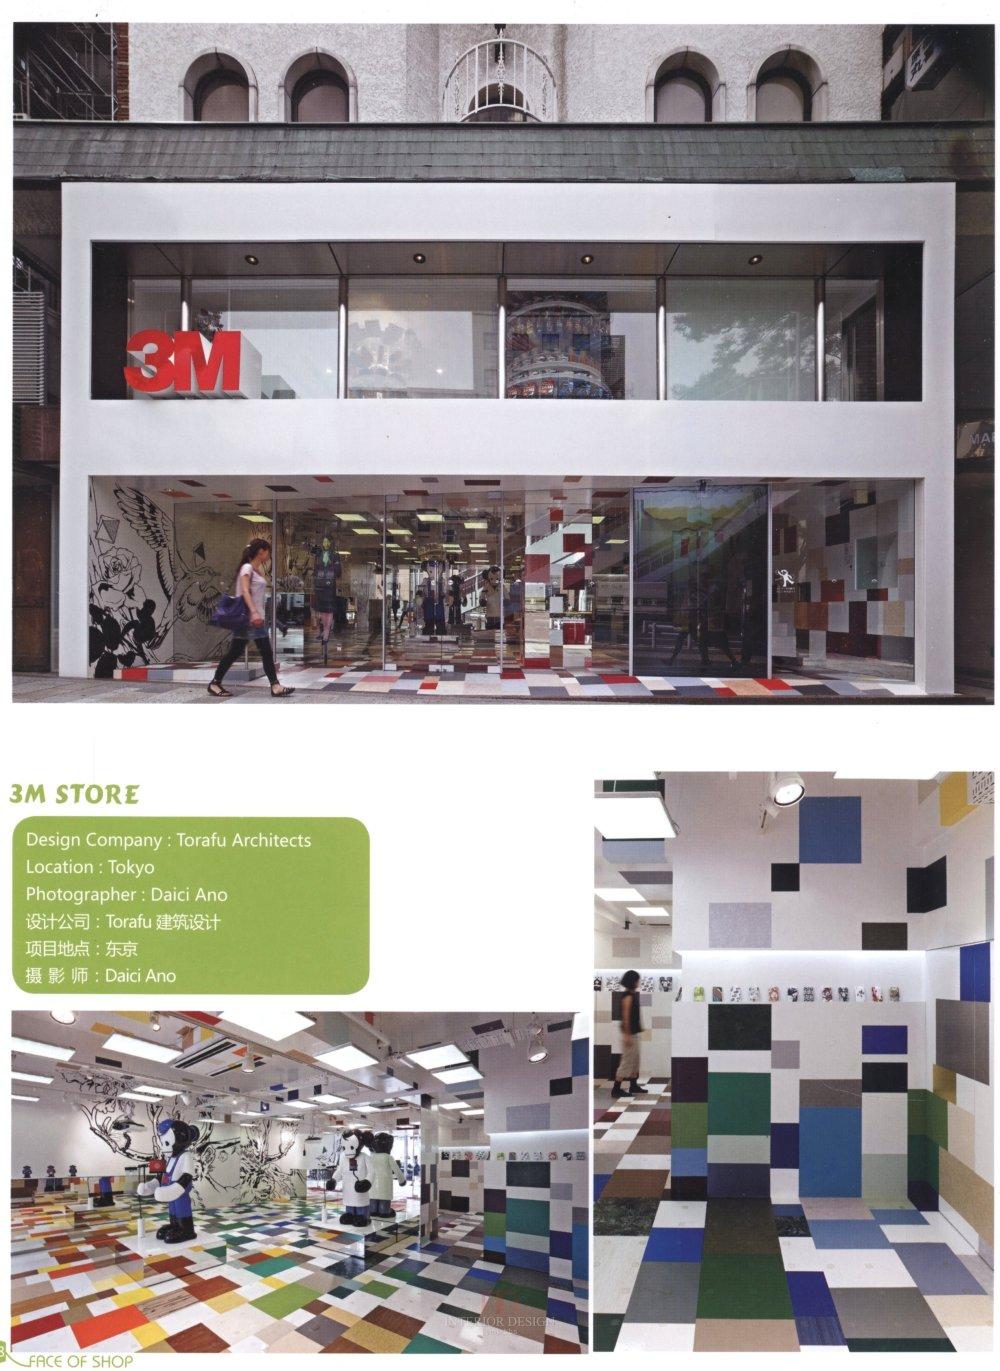 商业店铺、门头设计_kebi 0301.jpg